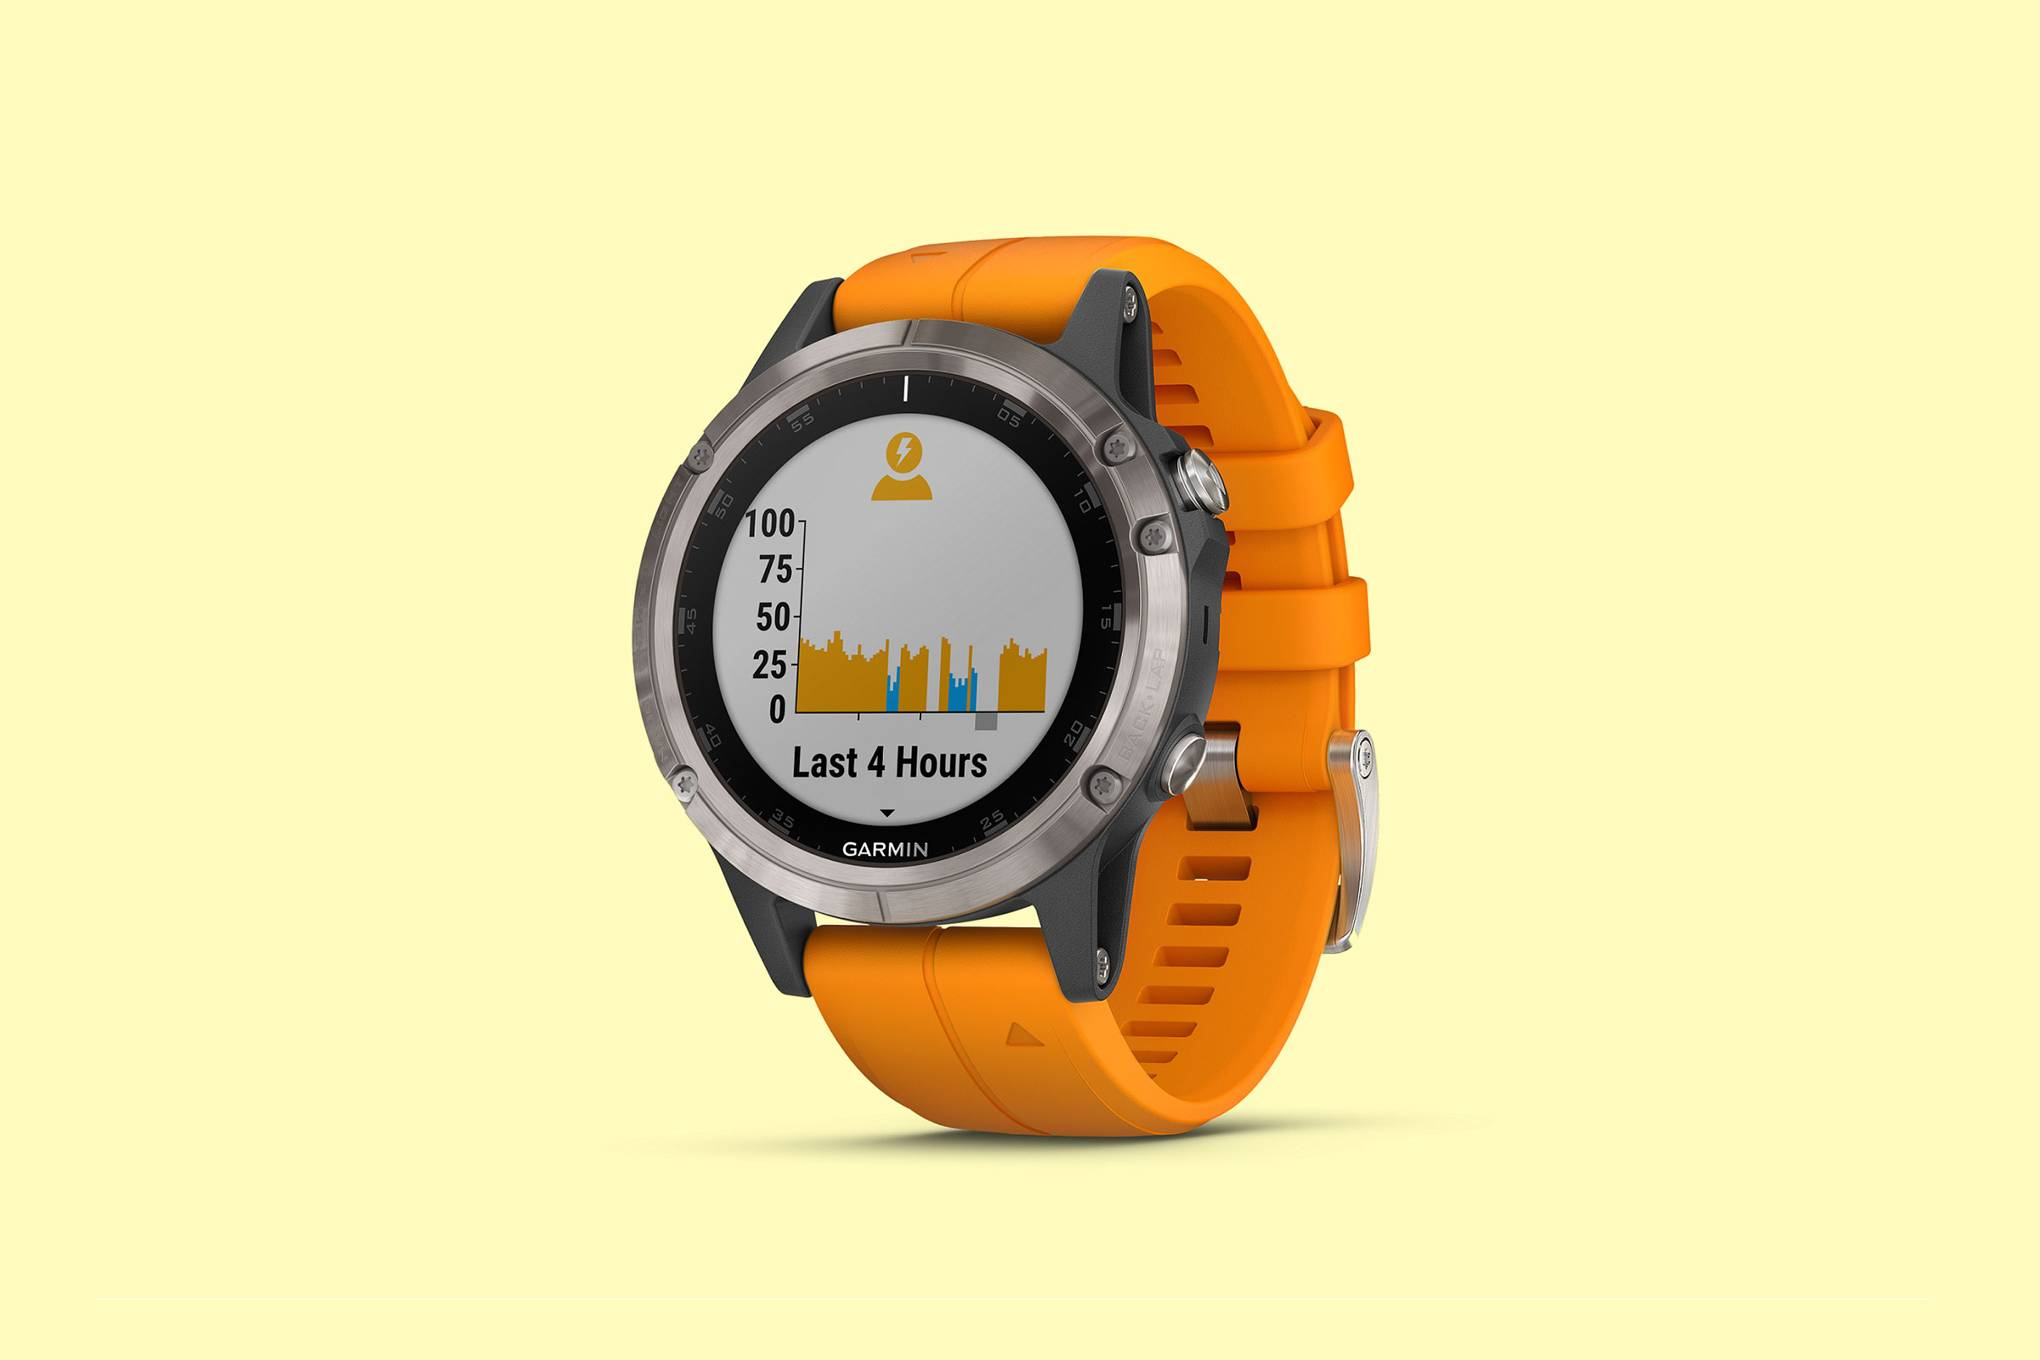 Best Running Watch 2019: The best GPS running watches in